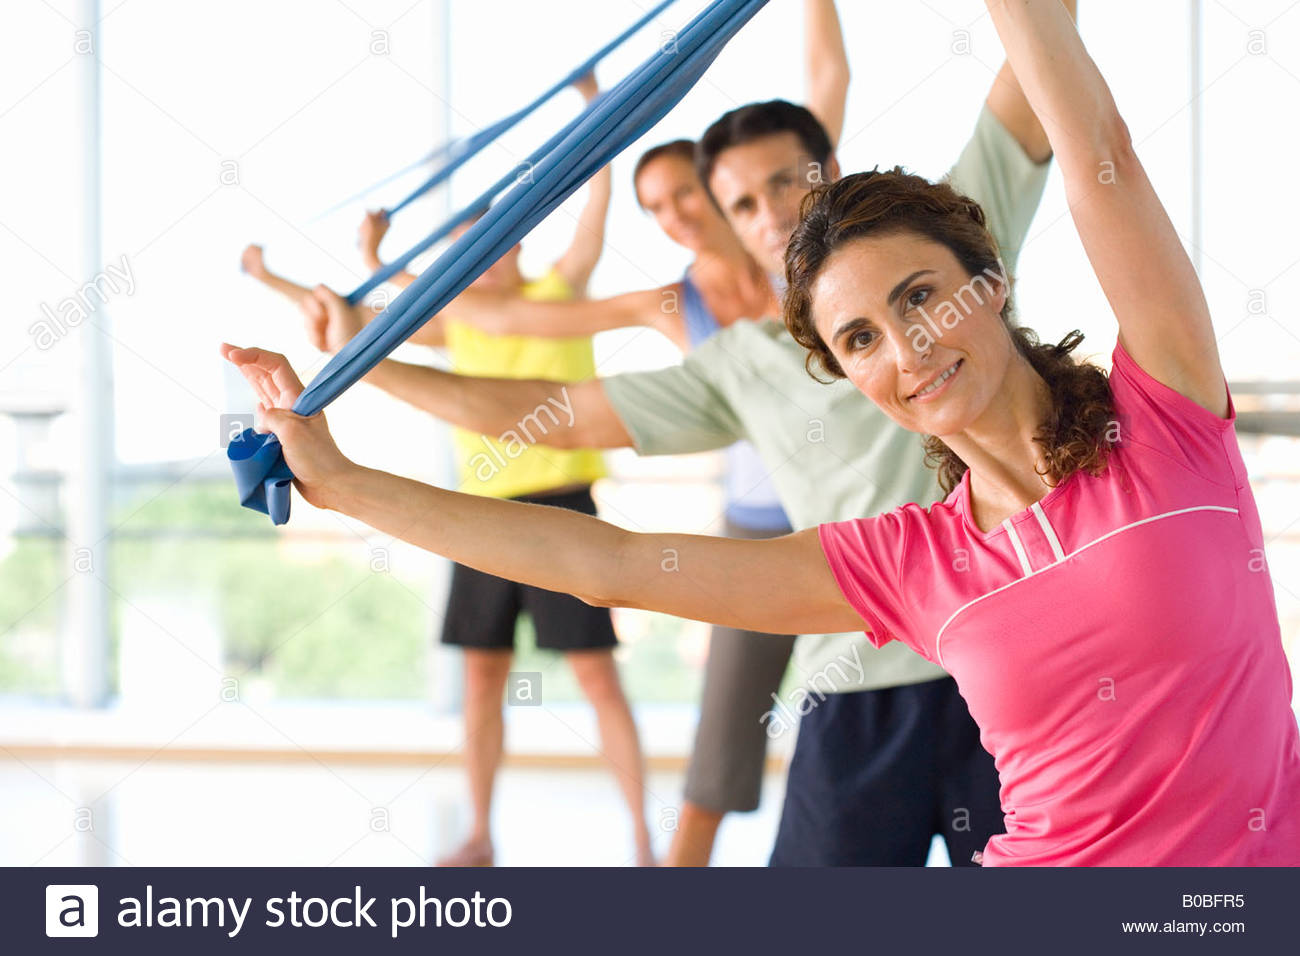 Le persone che la esercitano classe con bande di esercizio, sorridente Immagini Stock